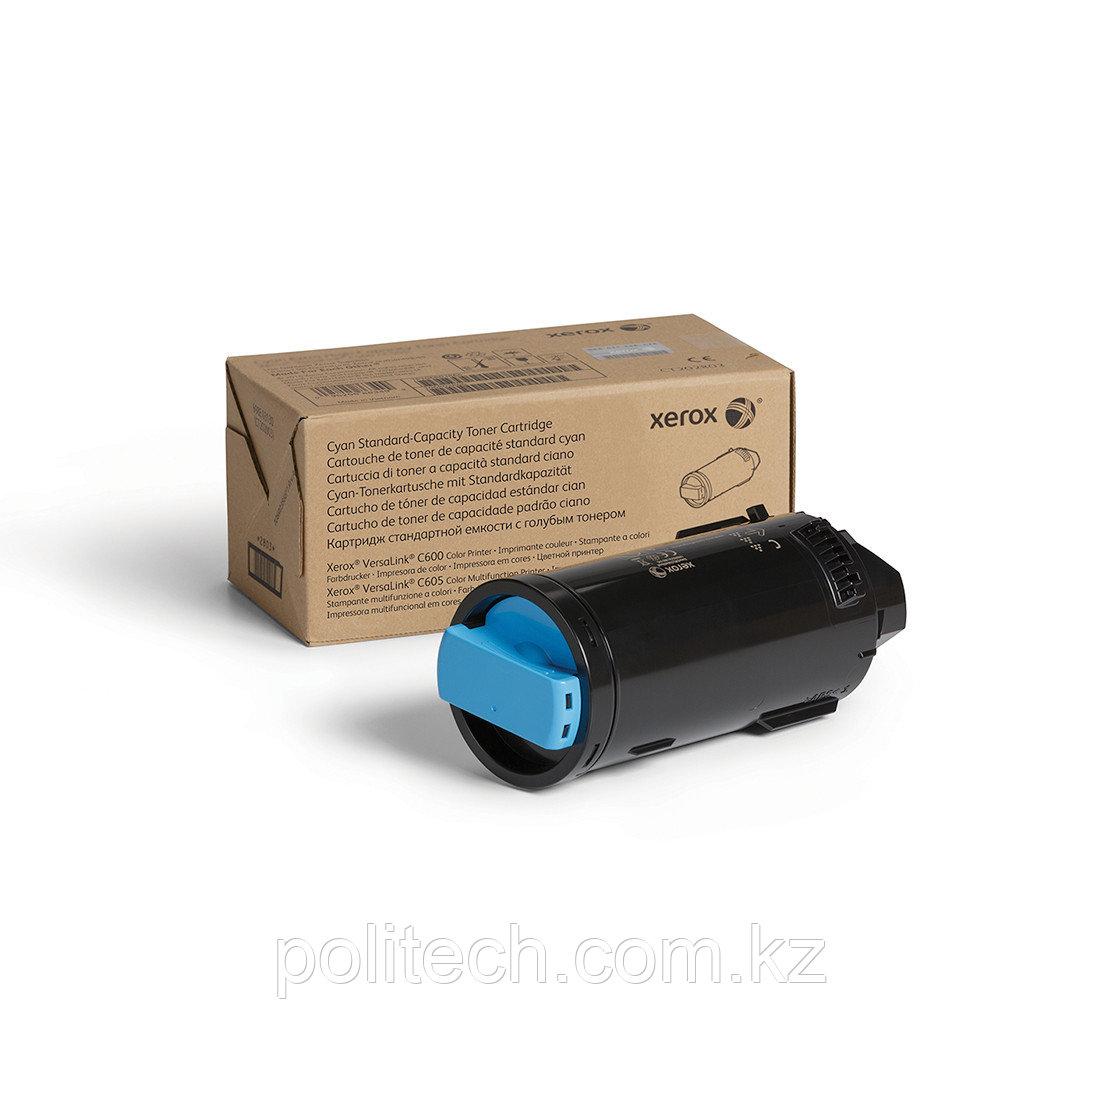 Тонер-картридж экстра повышенной емкости Xerox 106R03924 (голубой)